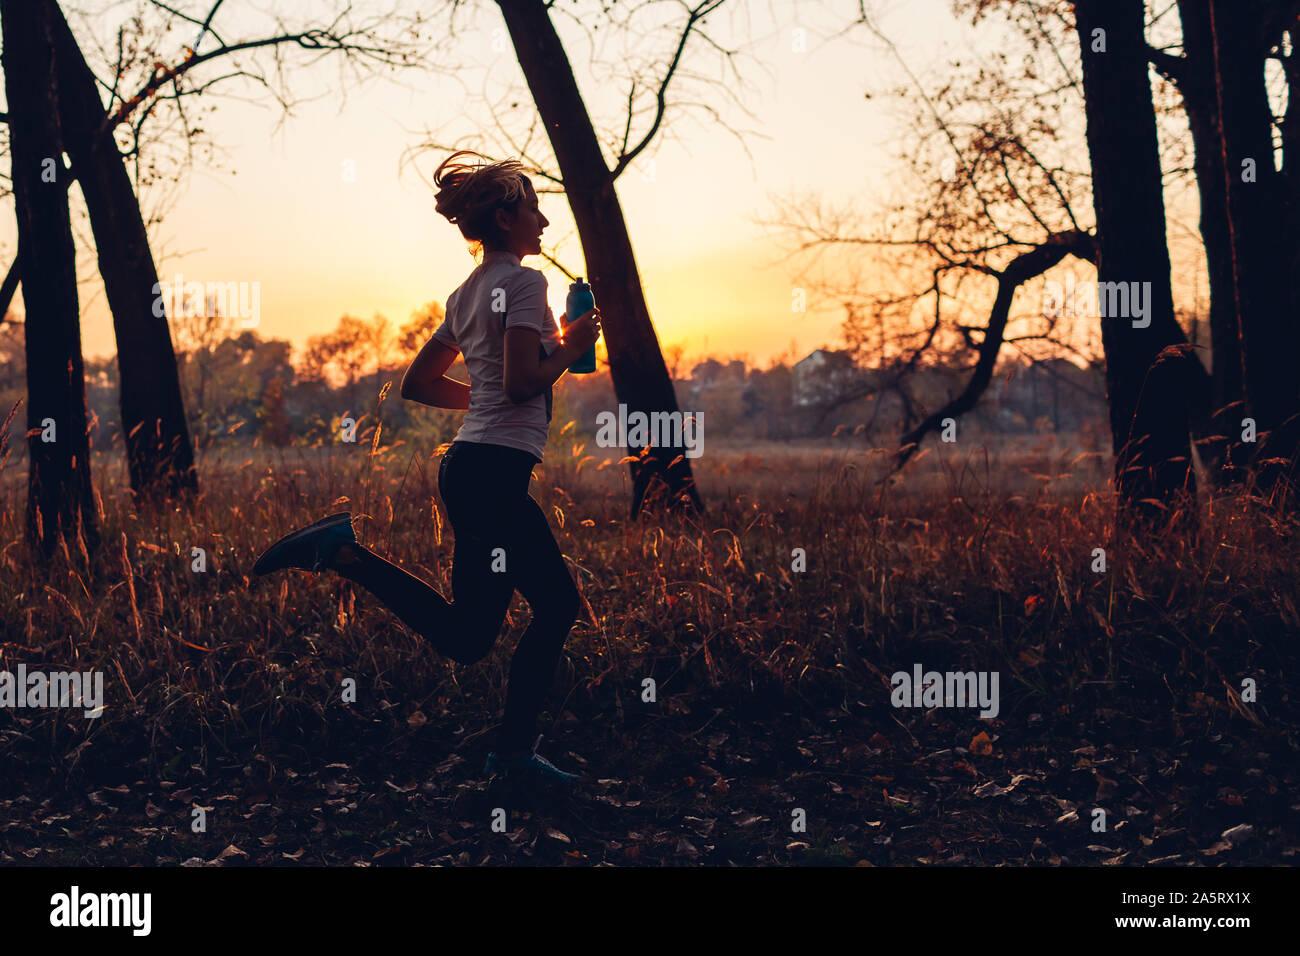 La formation de canaux chauds en automne parc. Femme en marche avec la bouteille d'eau au coucher du soleil. Mode de vie actif. Silhouette de jeune fille slim Banque D'Images